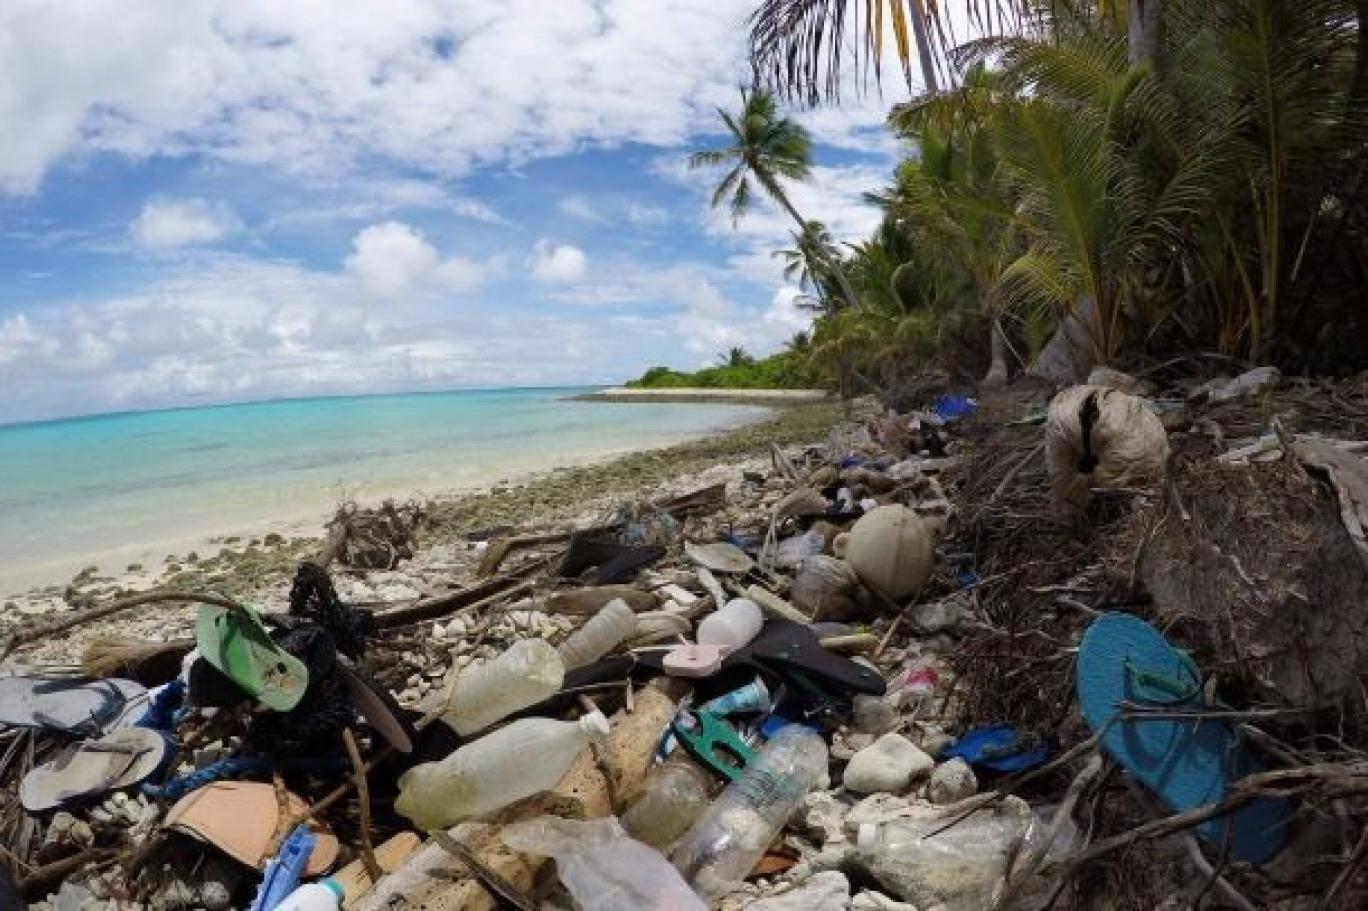 جزر أسترالية أجواؤها شاعرية لكنها تختنق بمئات الملايين من قطع بلاستيك